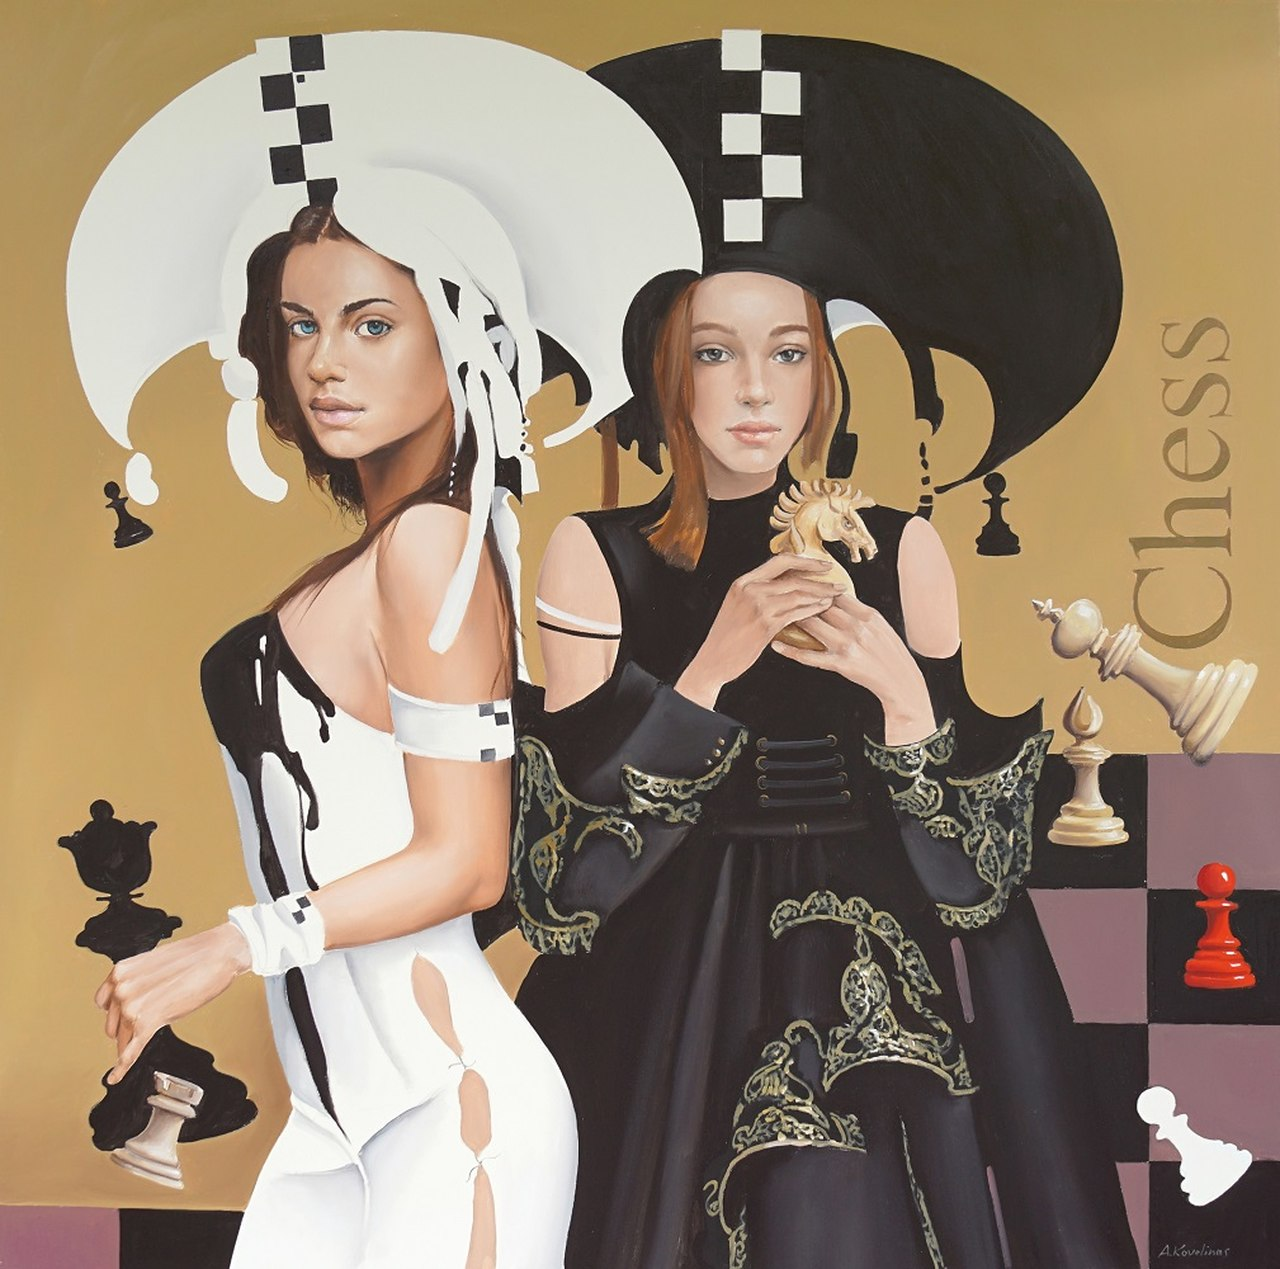 Chess Girls, 2020